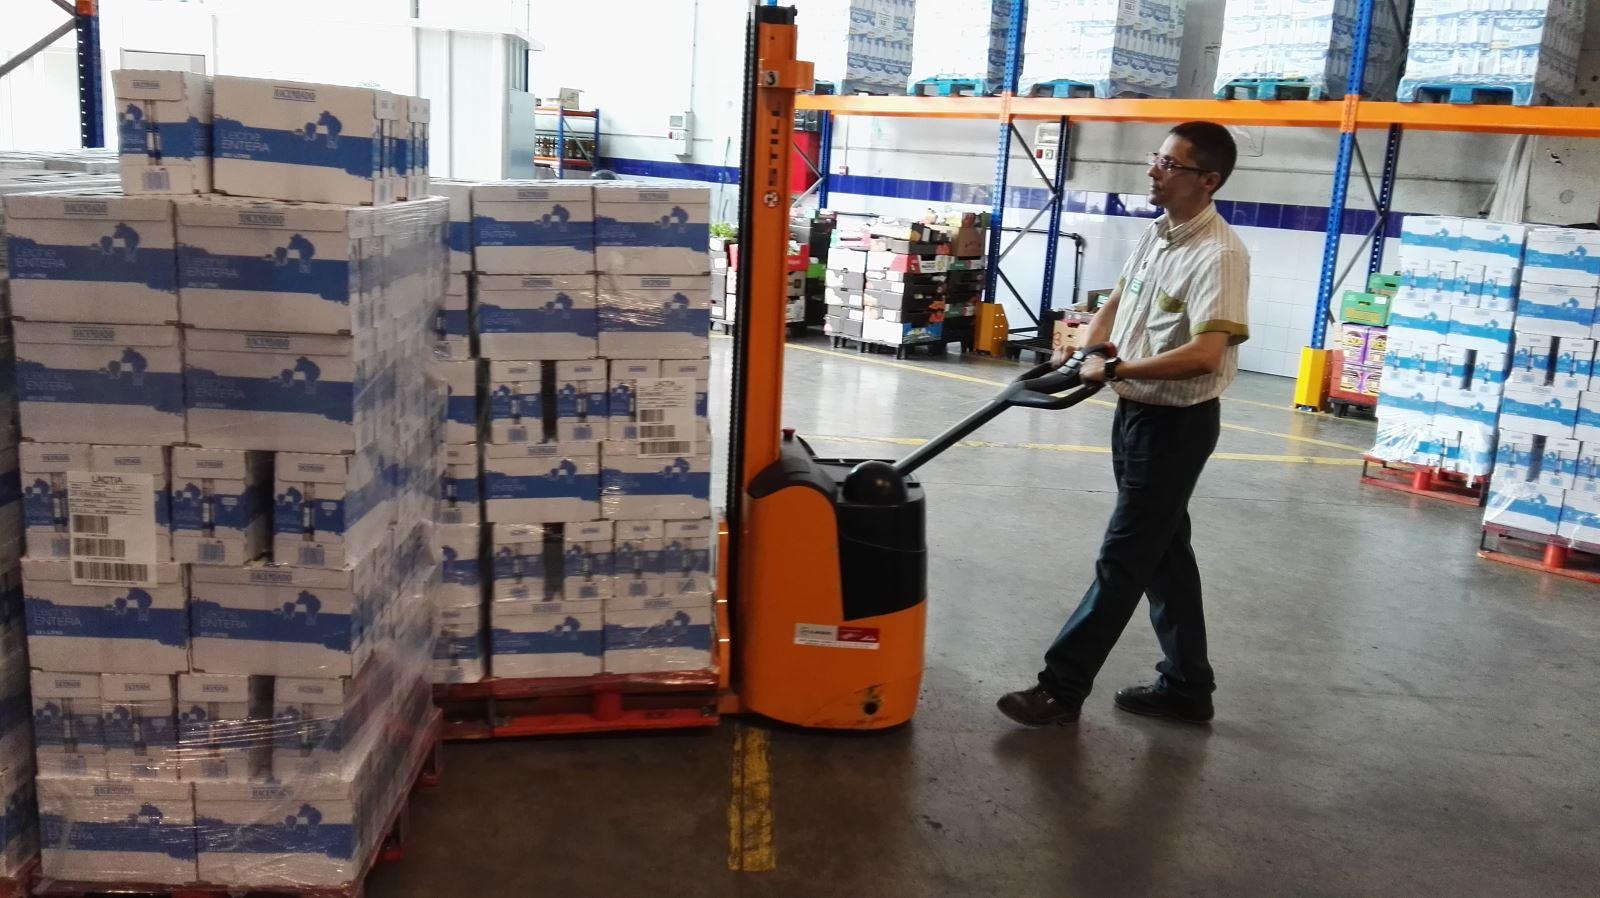 Tasques d'emmagatzematge de la llet donada per Mercadona